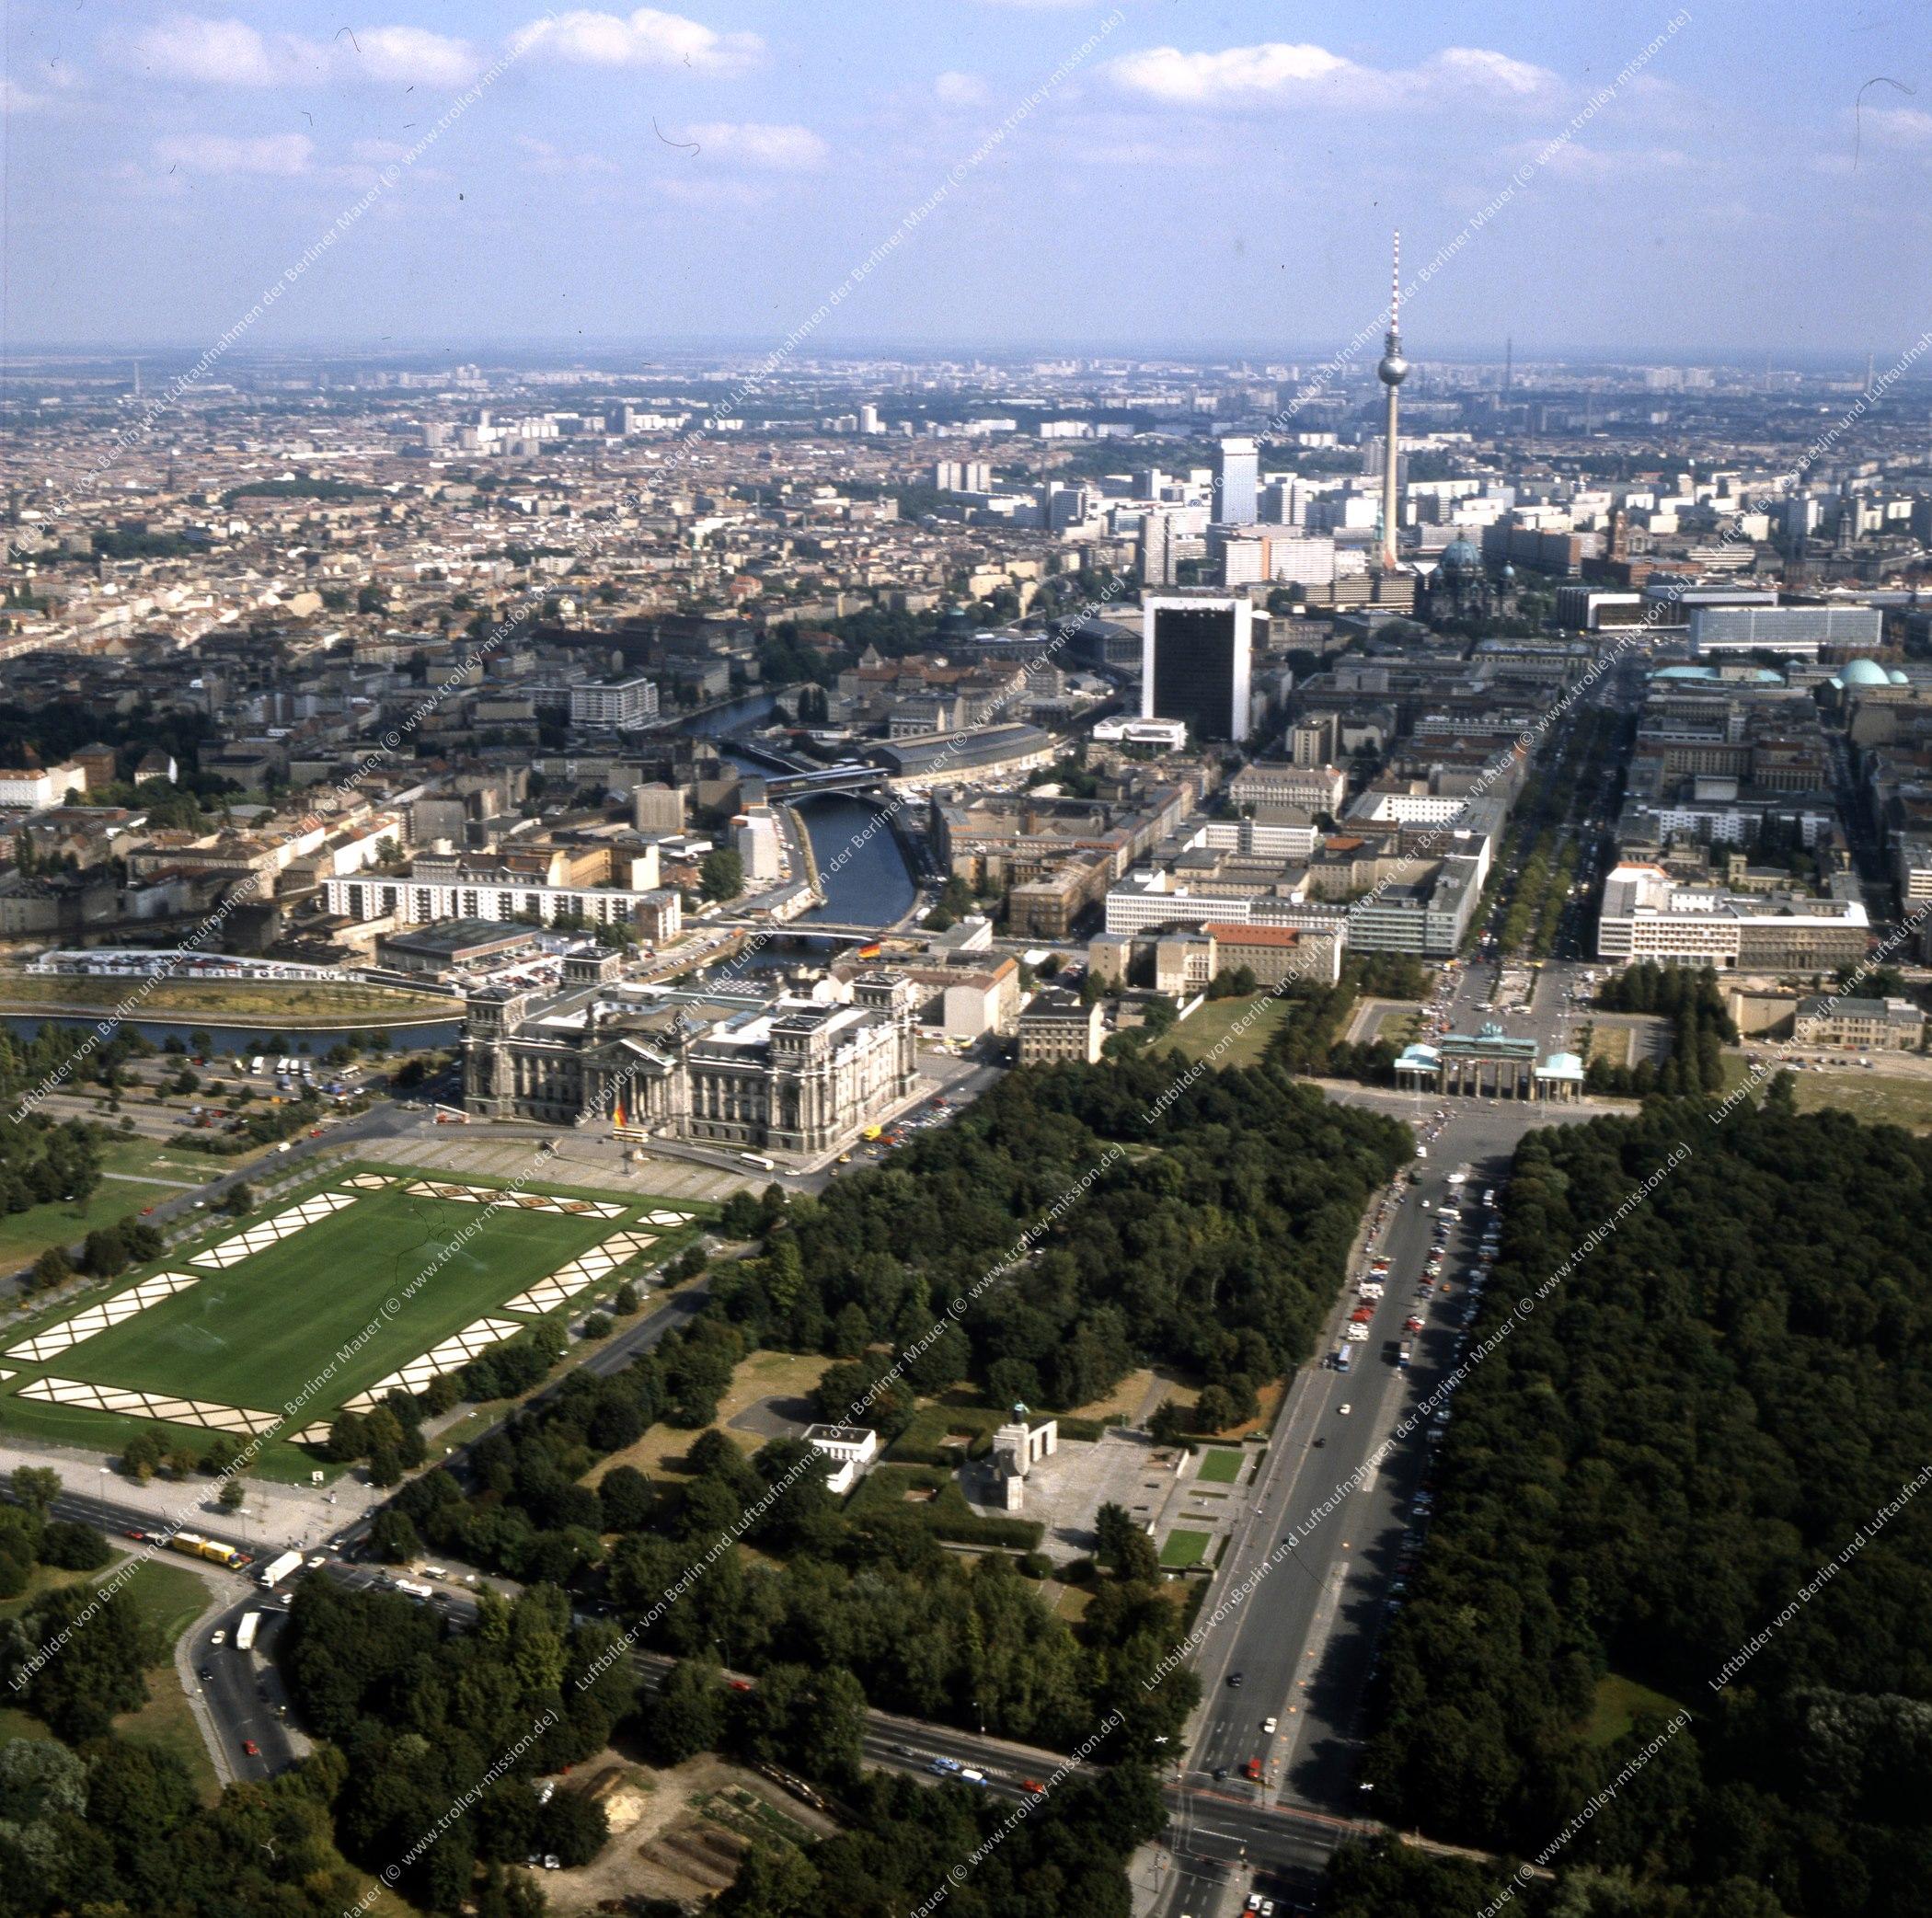 Brandenburger Tor und Reichstag - Rundflug (Luftbild) nach der deutschen Wiedervereinigung (Bild 133)